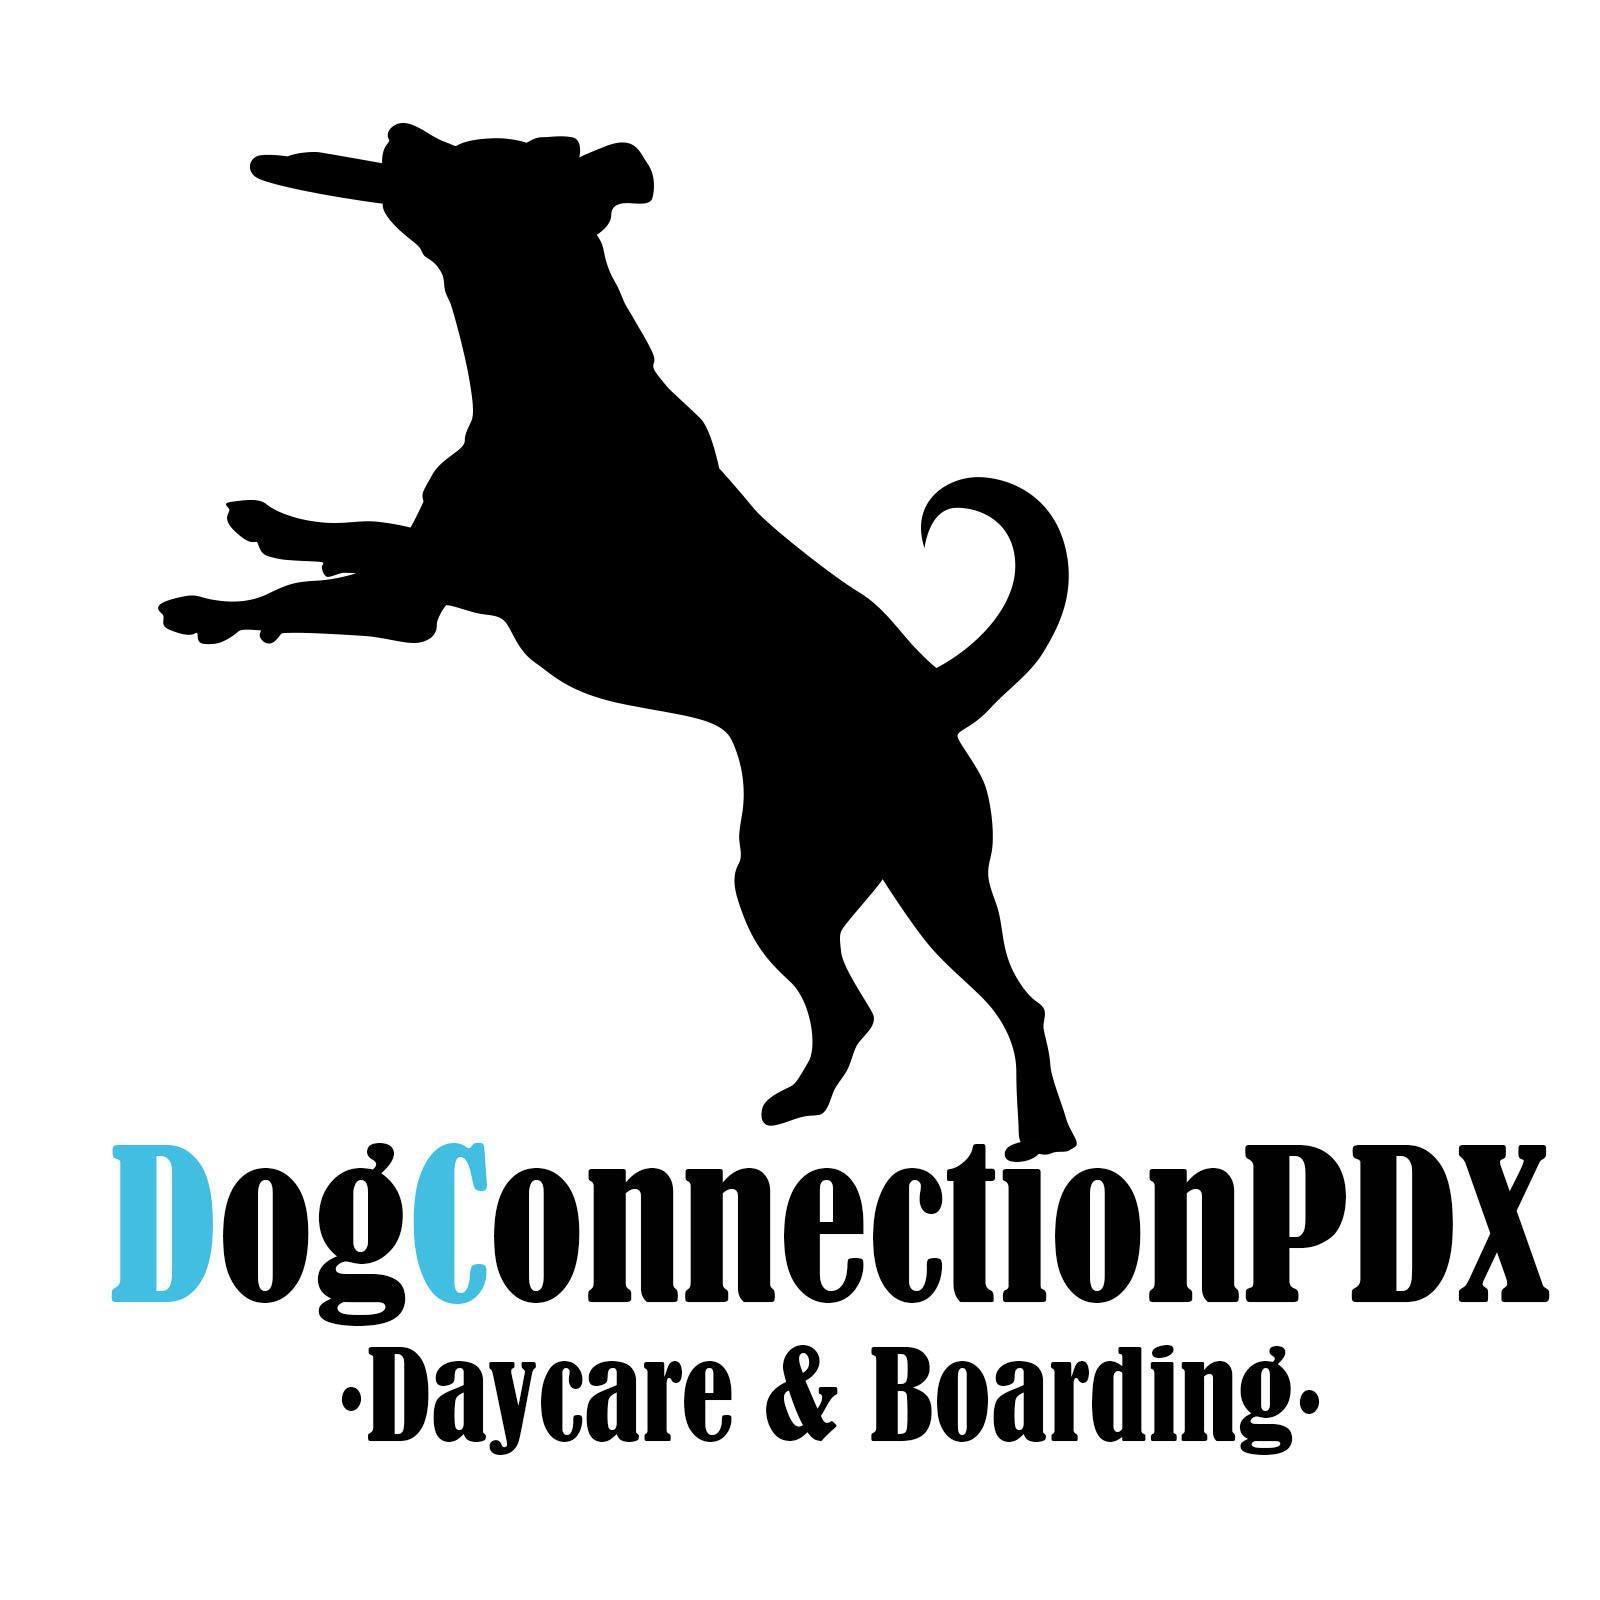 DogConnectionPDX Daycare & Boarding